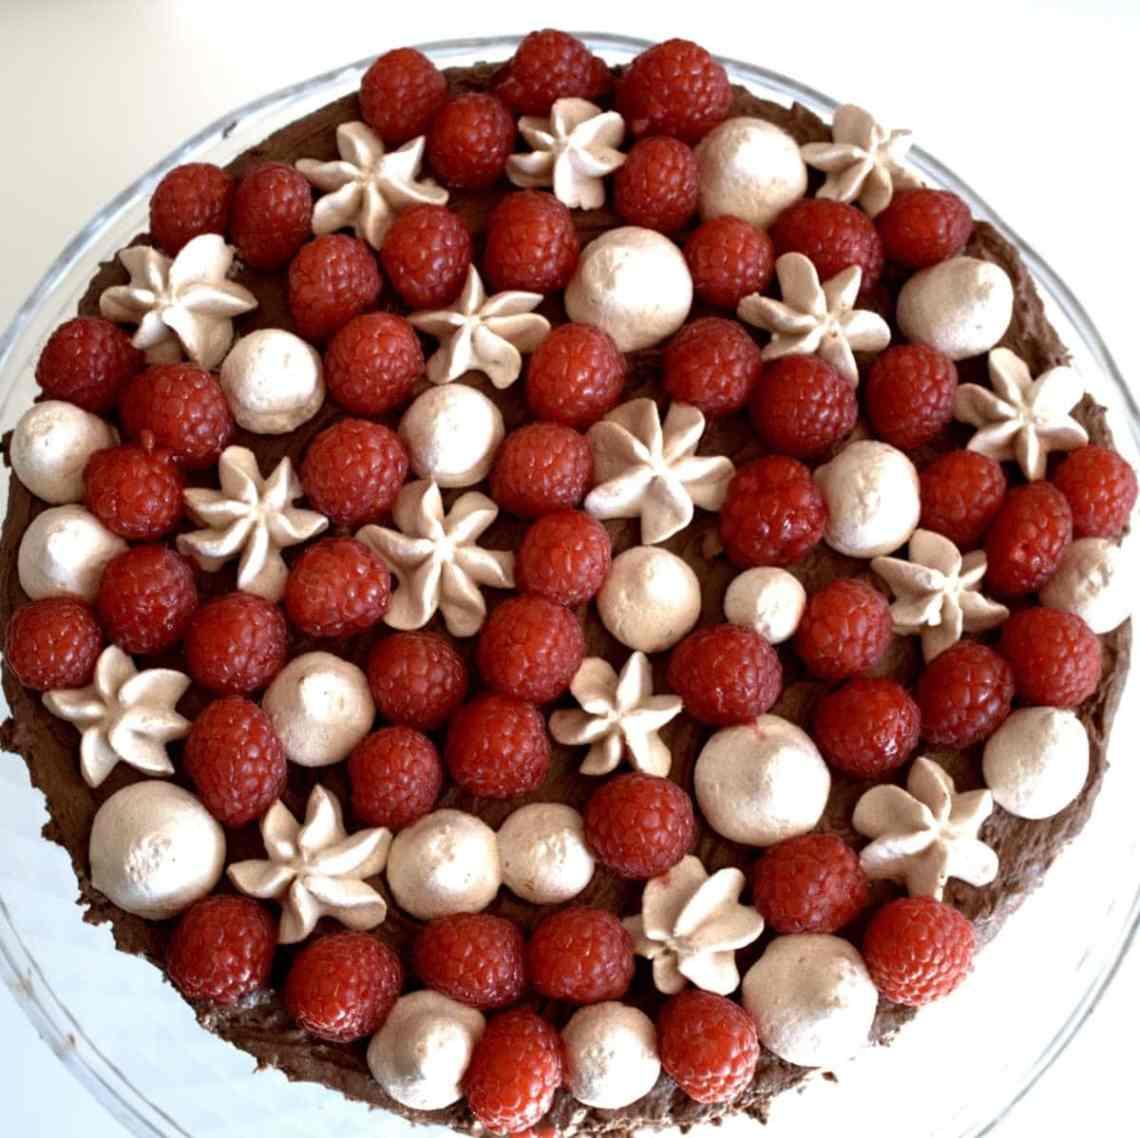 Chokoladelagkage - en lagkage med chokolademousse - Find opskrifter, gratis print og inspiration til årets gang på danishthings.com (Recipe in Danish)